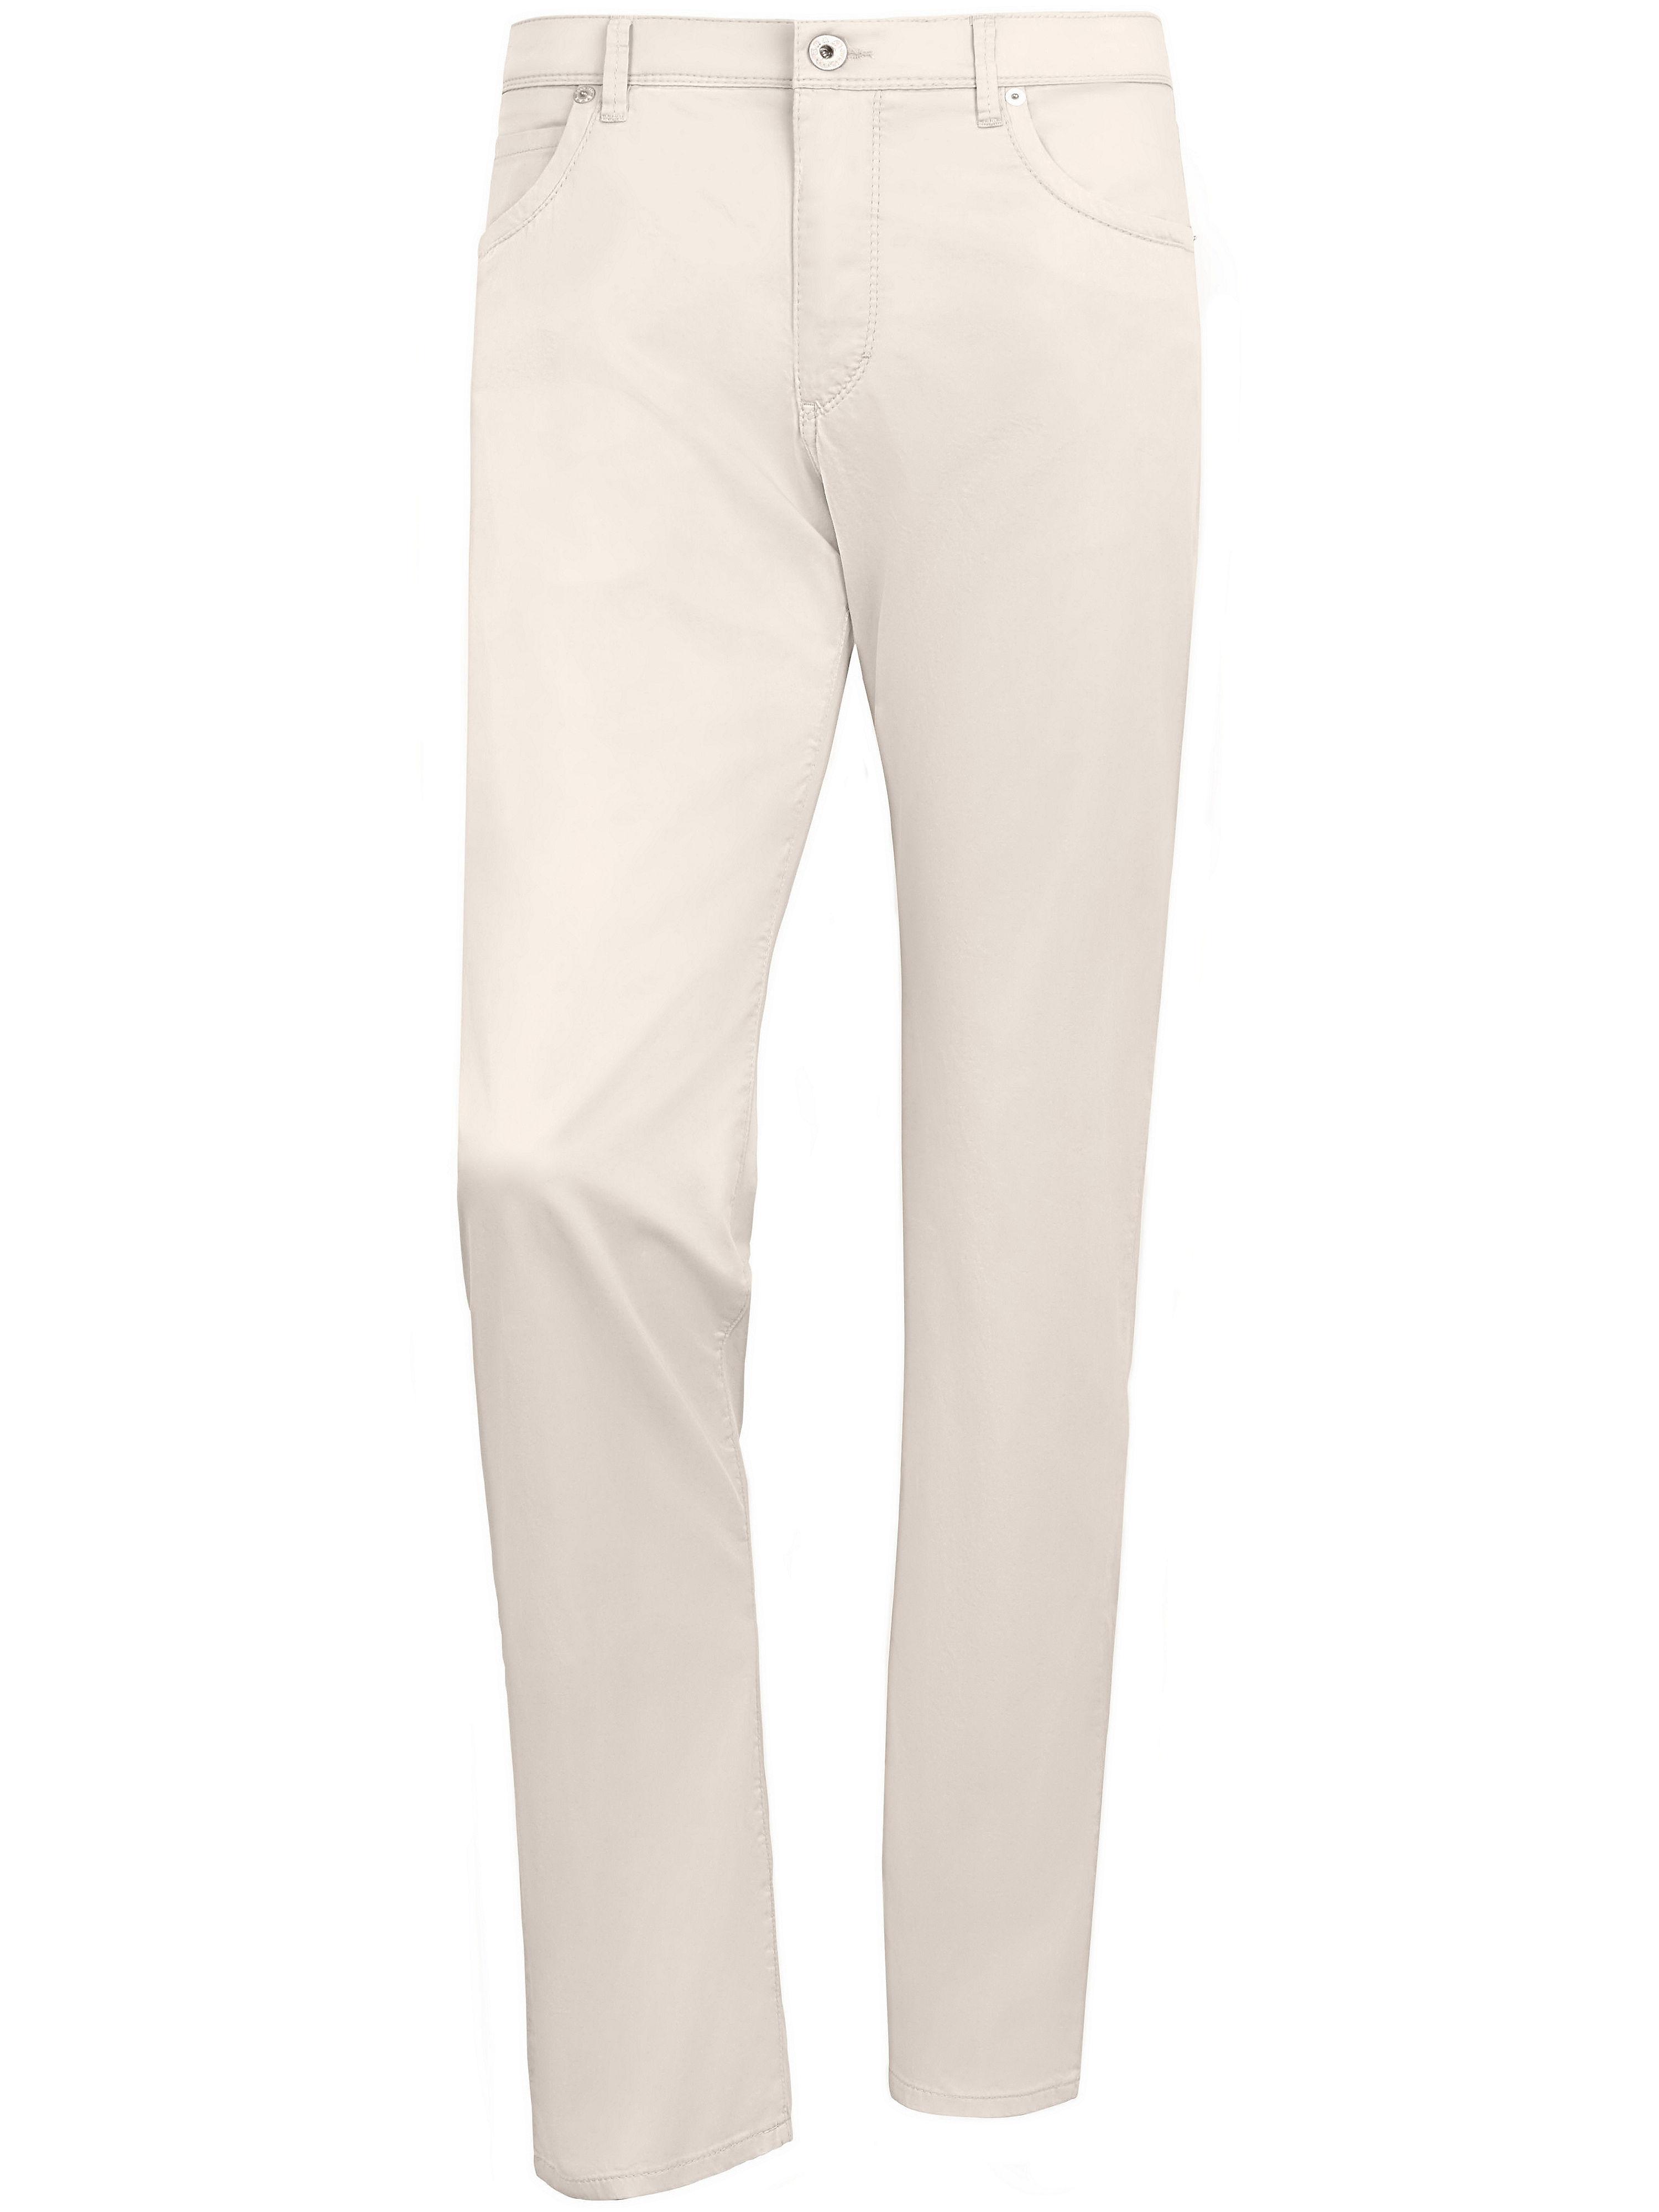 Image of   Bukser Comfortable Fit model Cadiz Fra Brax Feel Good beige